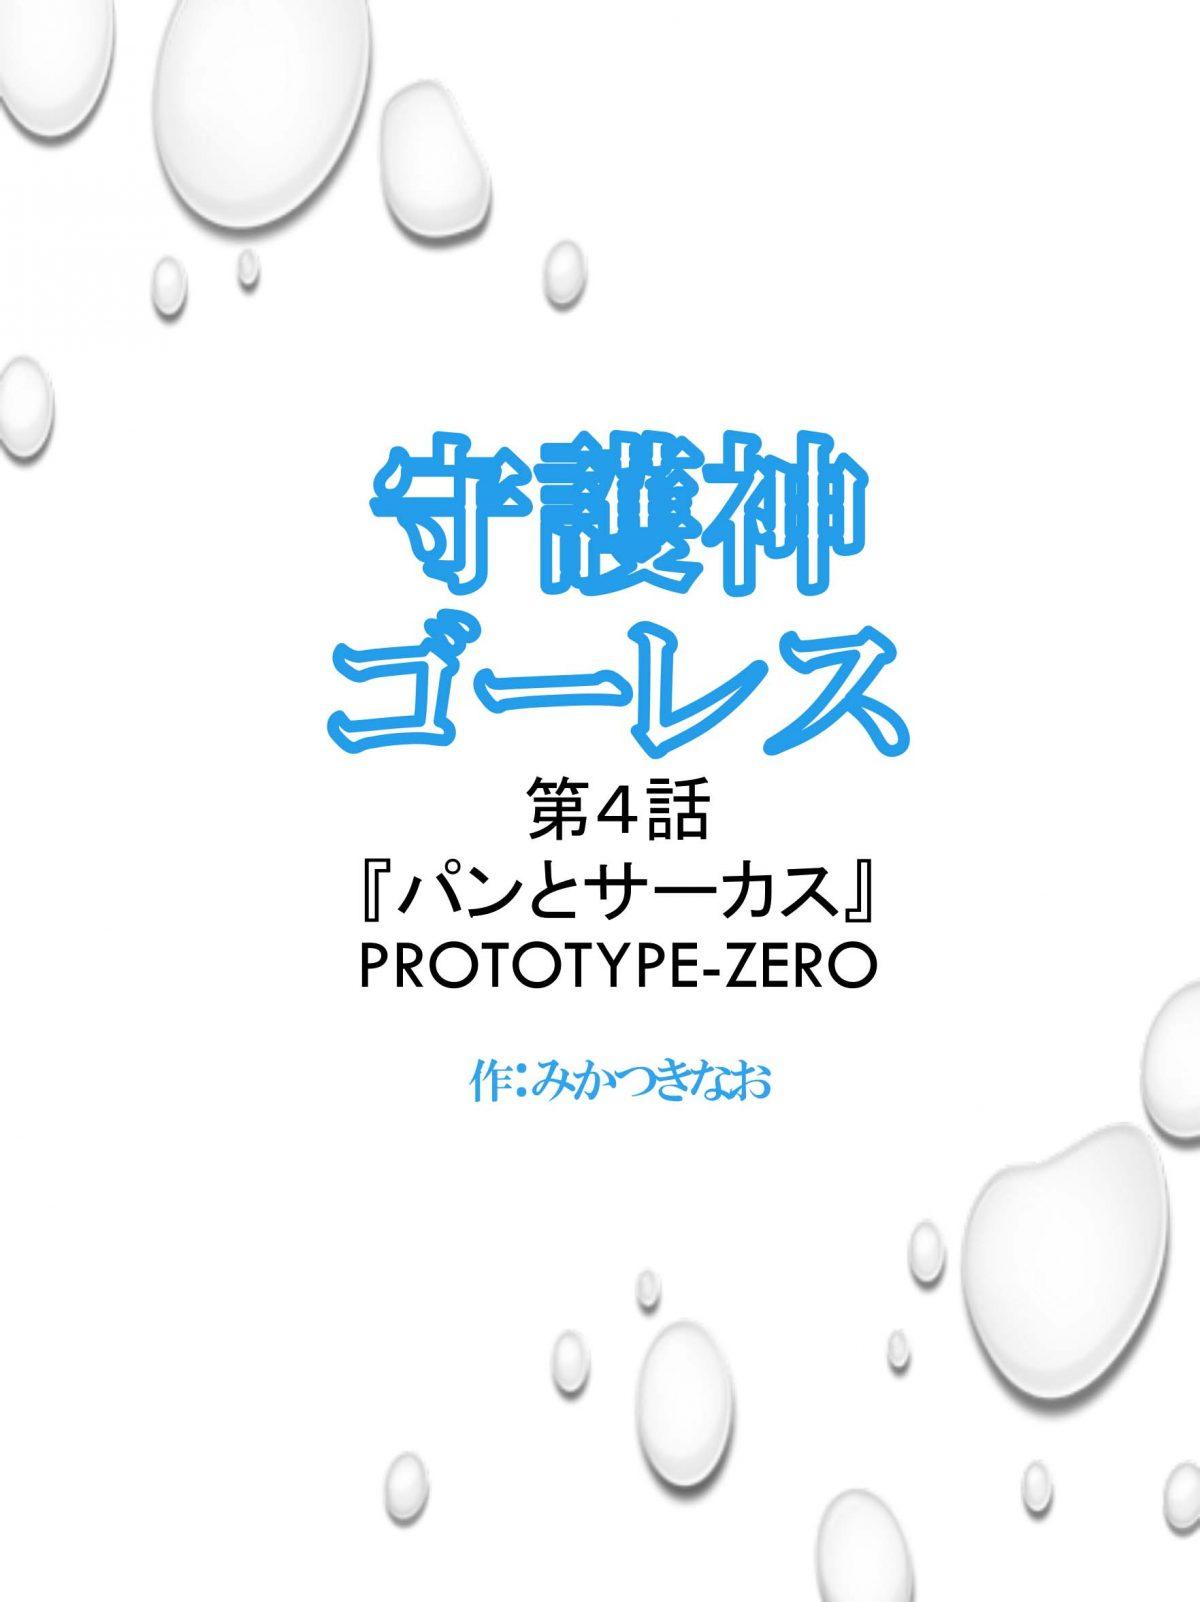 守護神ゴーレス  第4話 『パンとサーカス』 Prototype-Zero